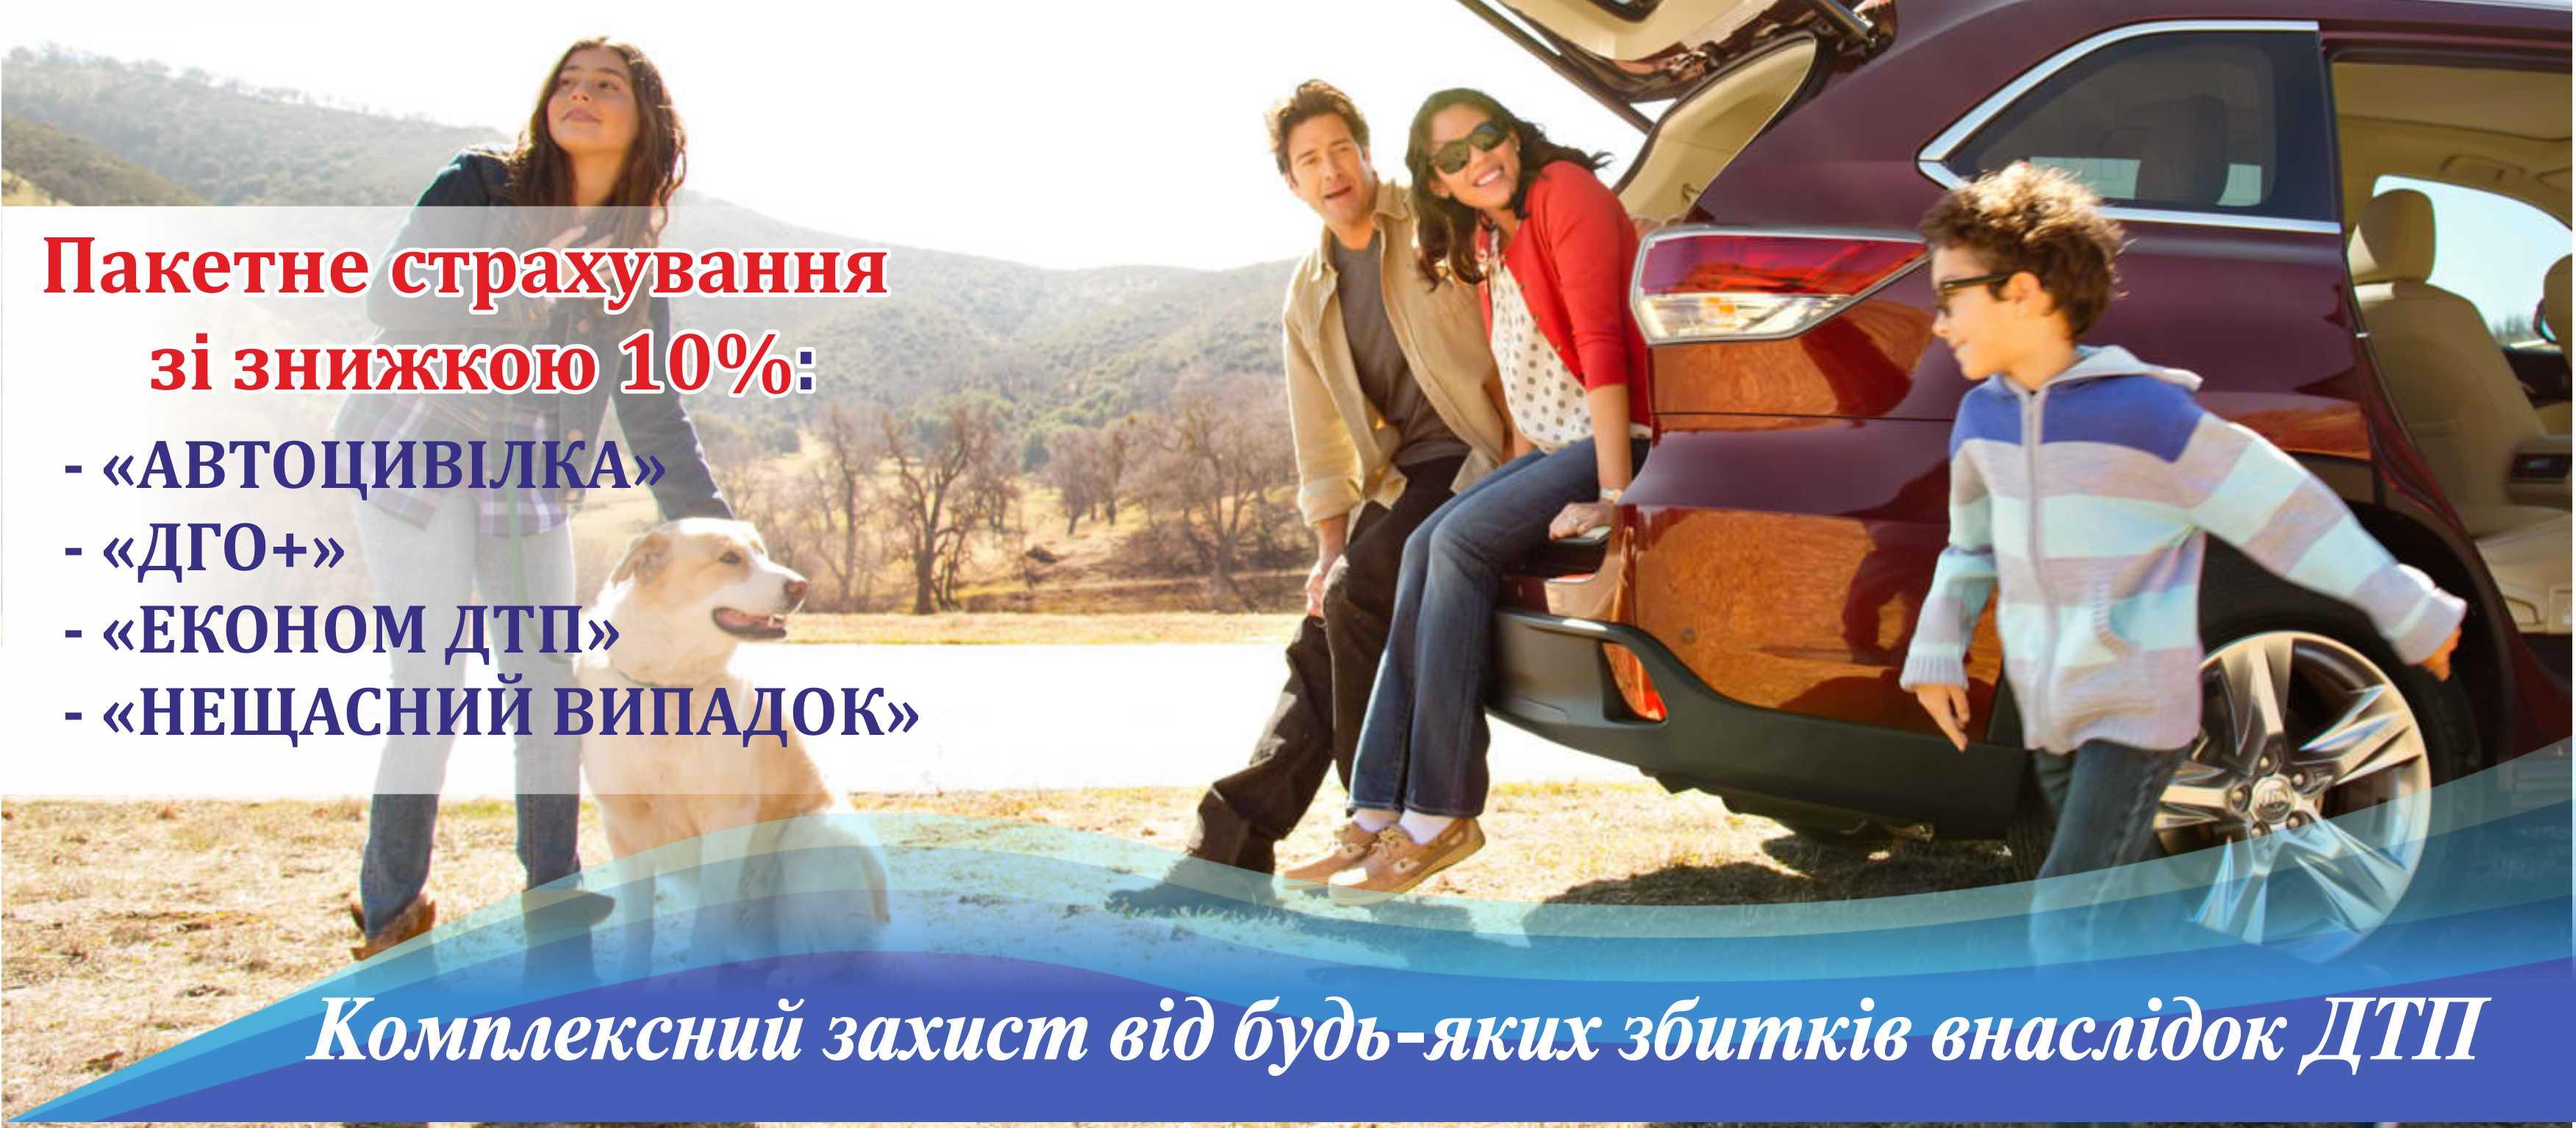 Автозахист пакетне страхування